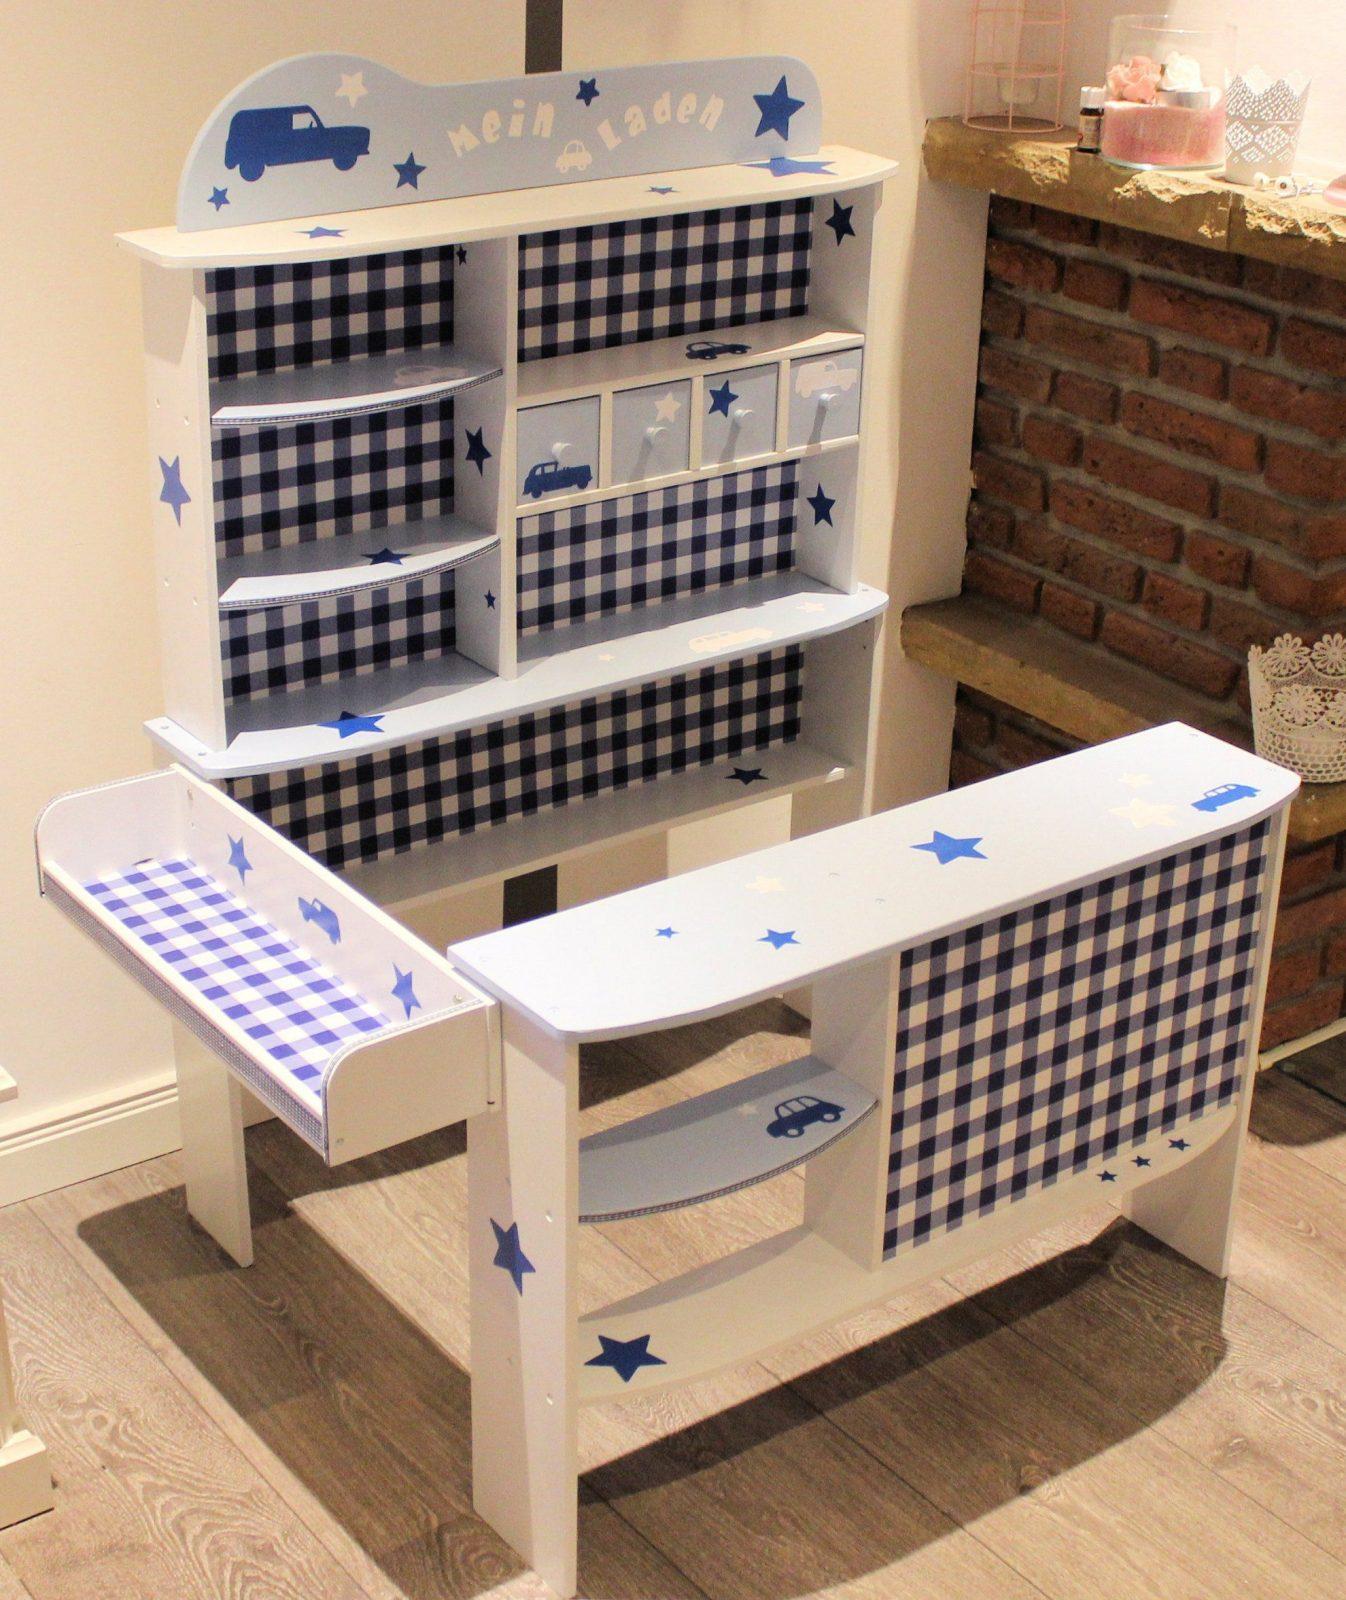 Kaufladen Weiß Blau Kaufladen Und Kinderküche Pinterest Avec Kinder von Kinder Kaufladen Selber Bauen Photo